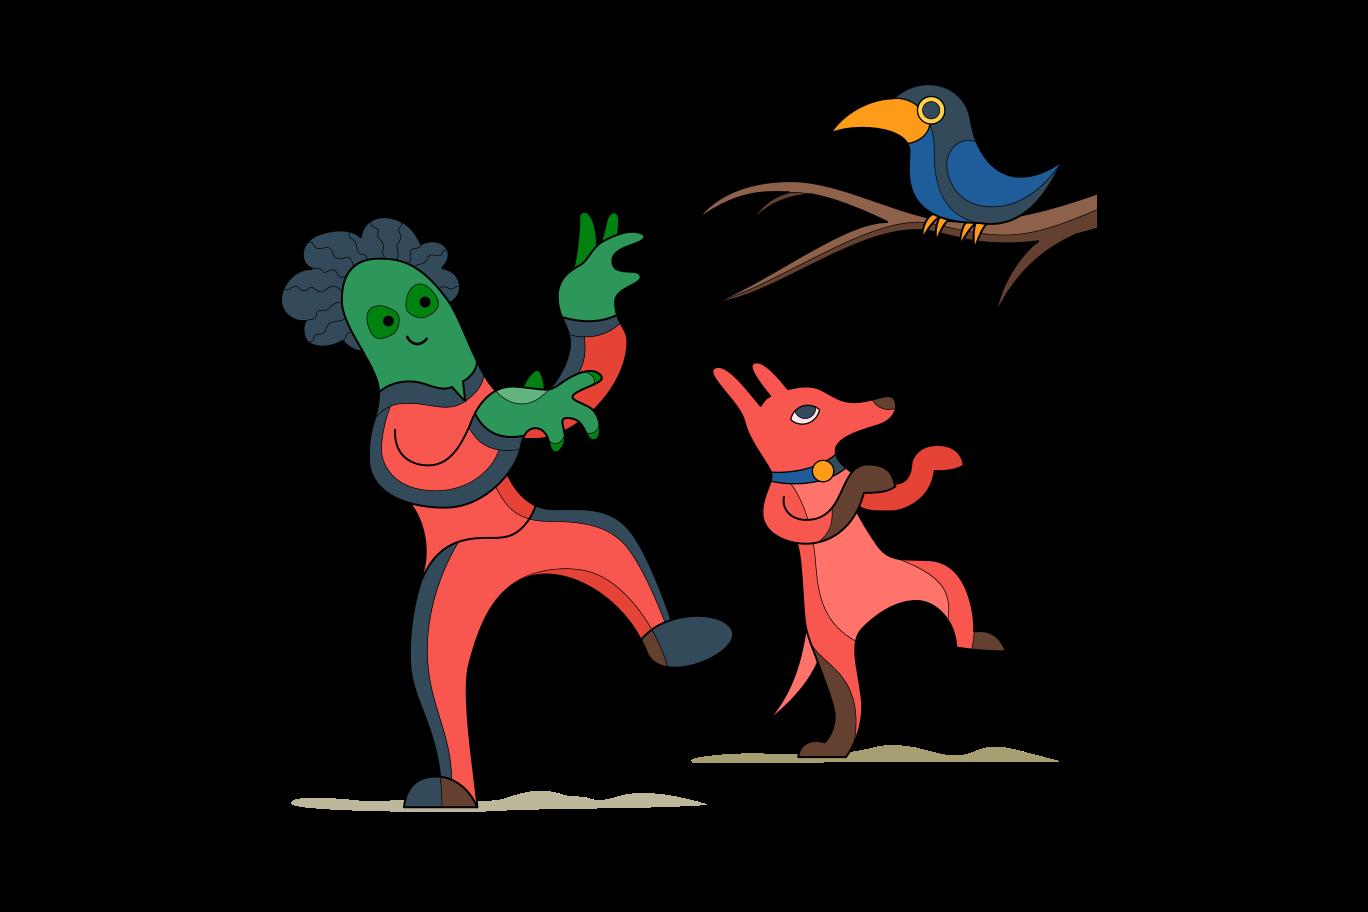 Thriller Clipart illustration in PNG, SVG